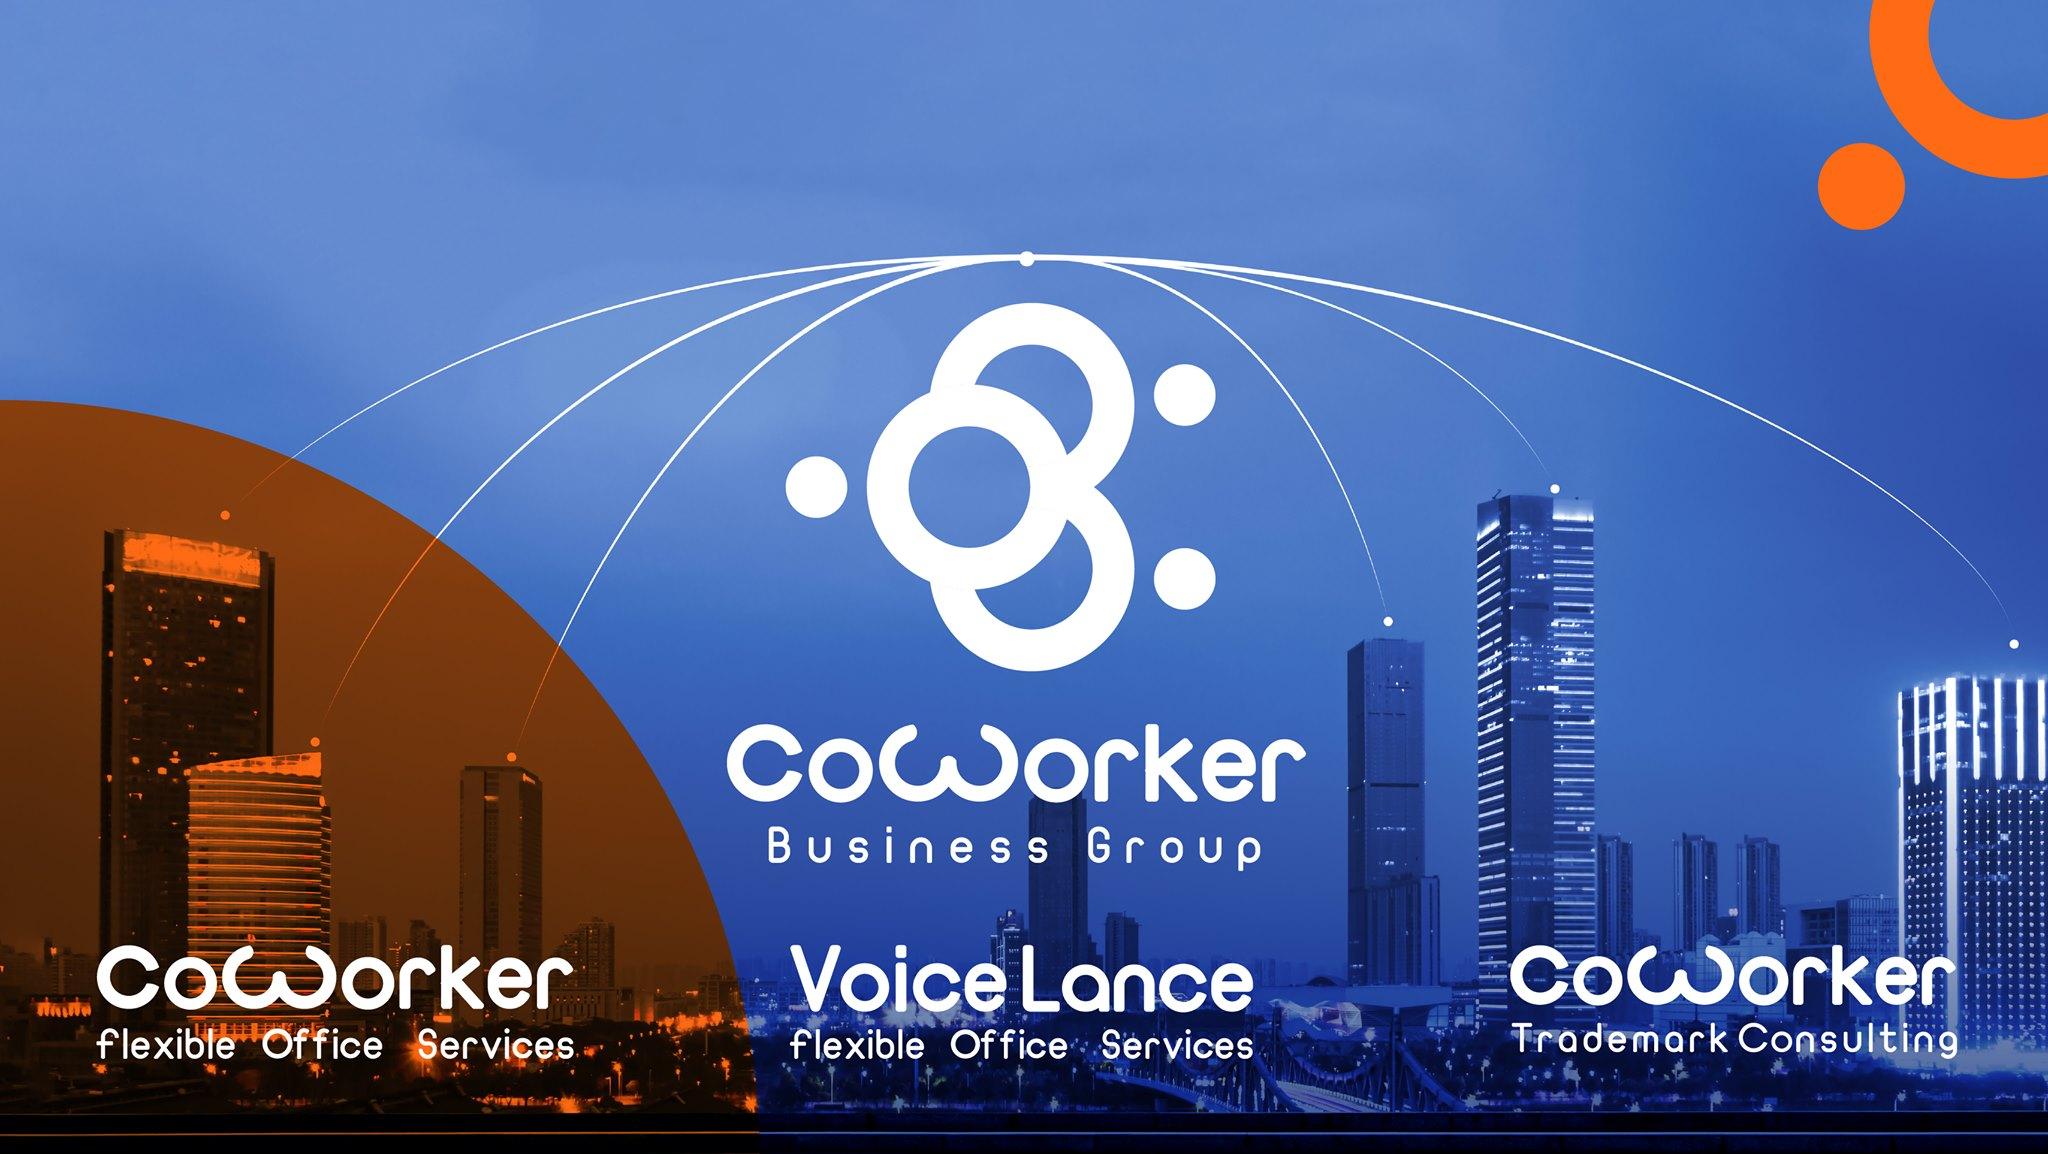 مجموعة كووركر - CoWorker Business Group